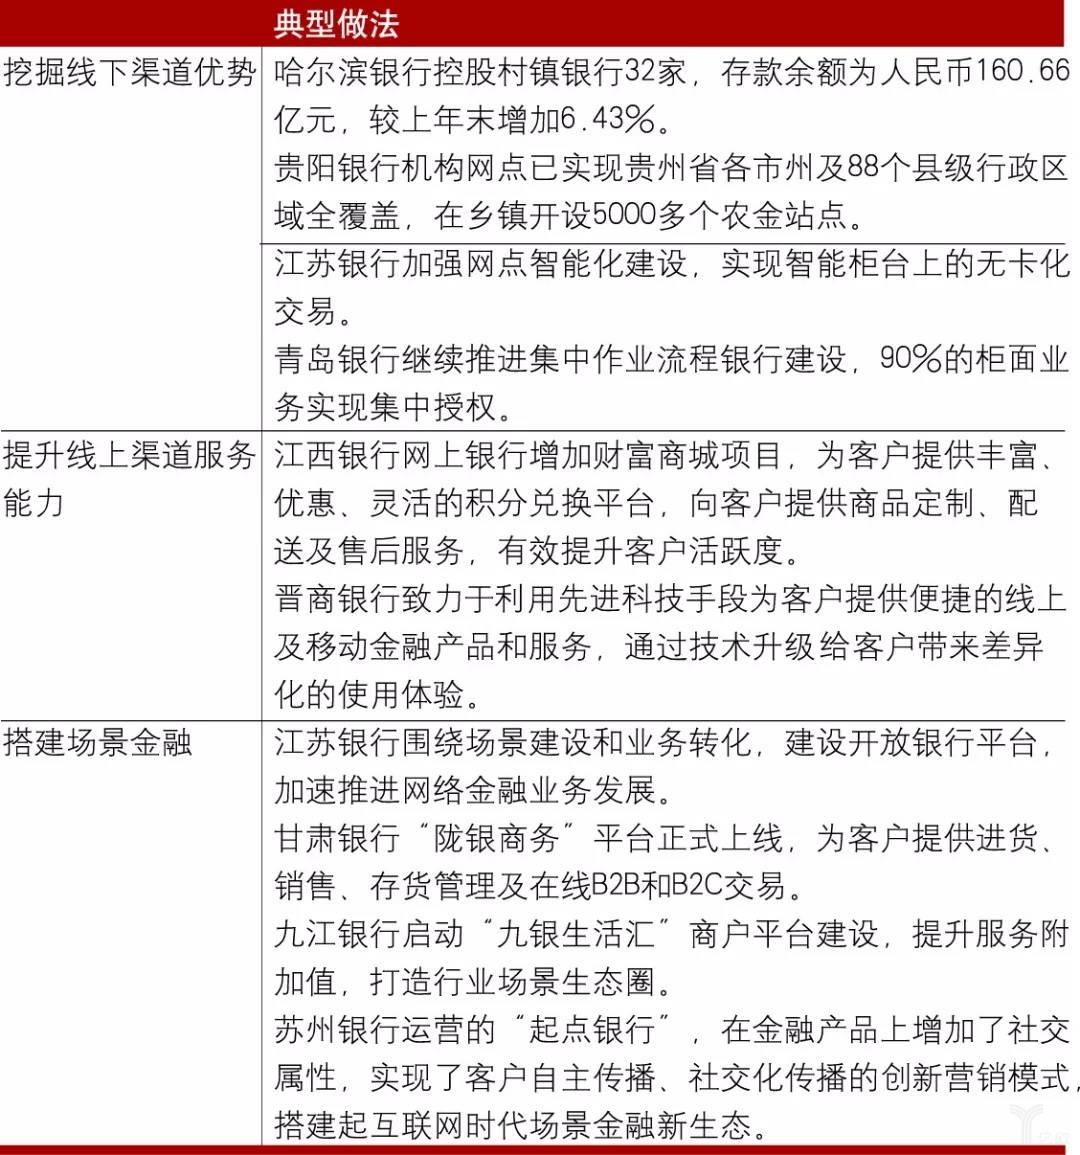 亿欧智库:部分城商行优化服务渠道的典型做法